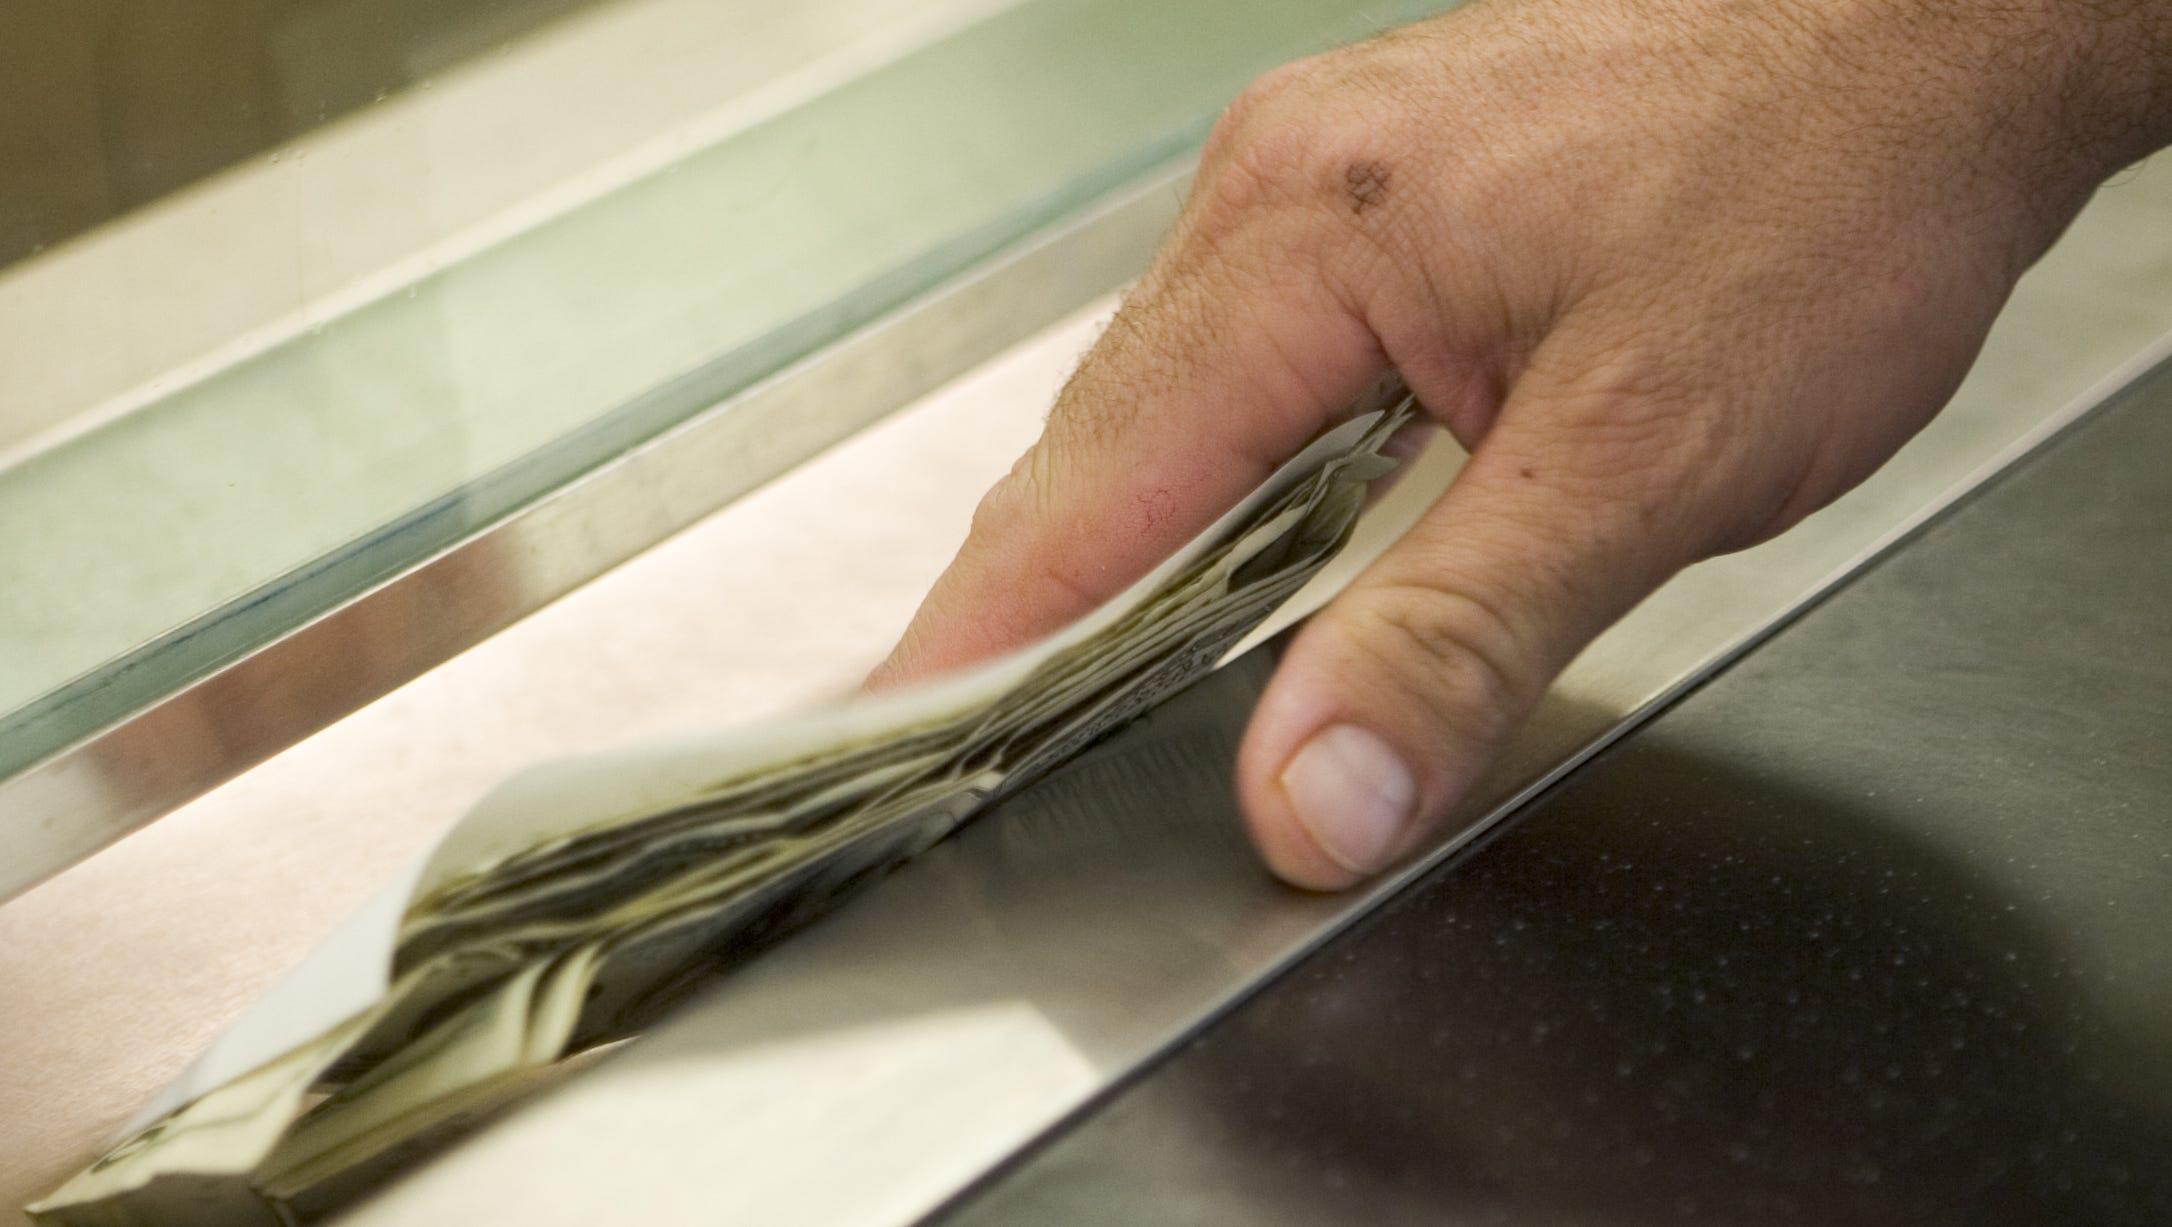 Flex loans - Dangers